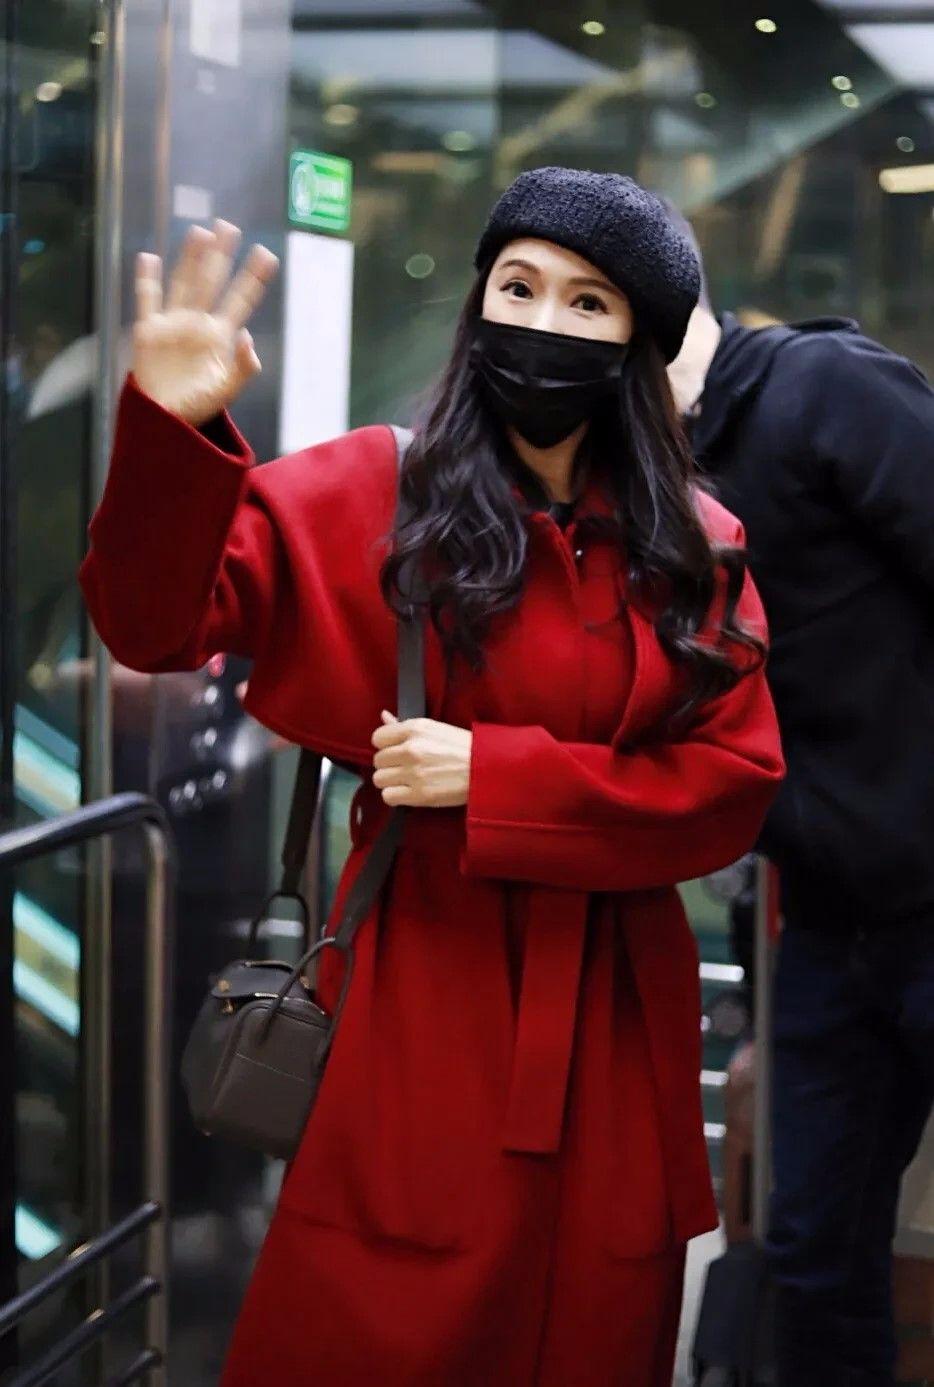 伊能静穿红大衣走机场,踩高跟长靴,打扮这么时髦不像老人!